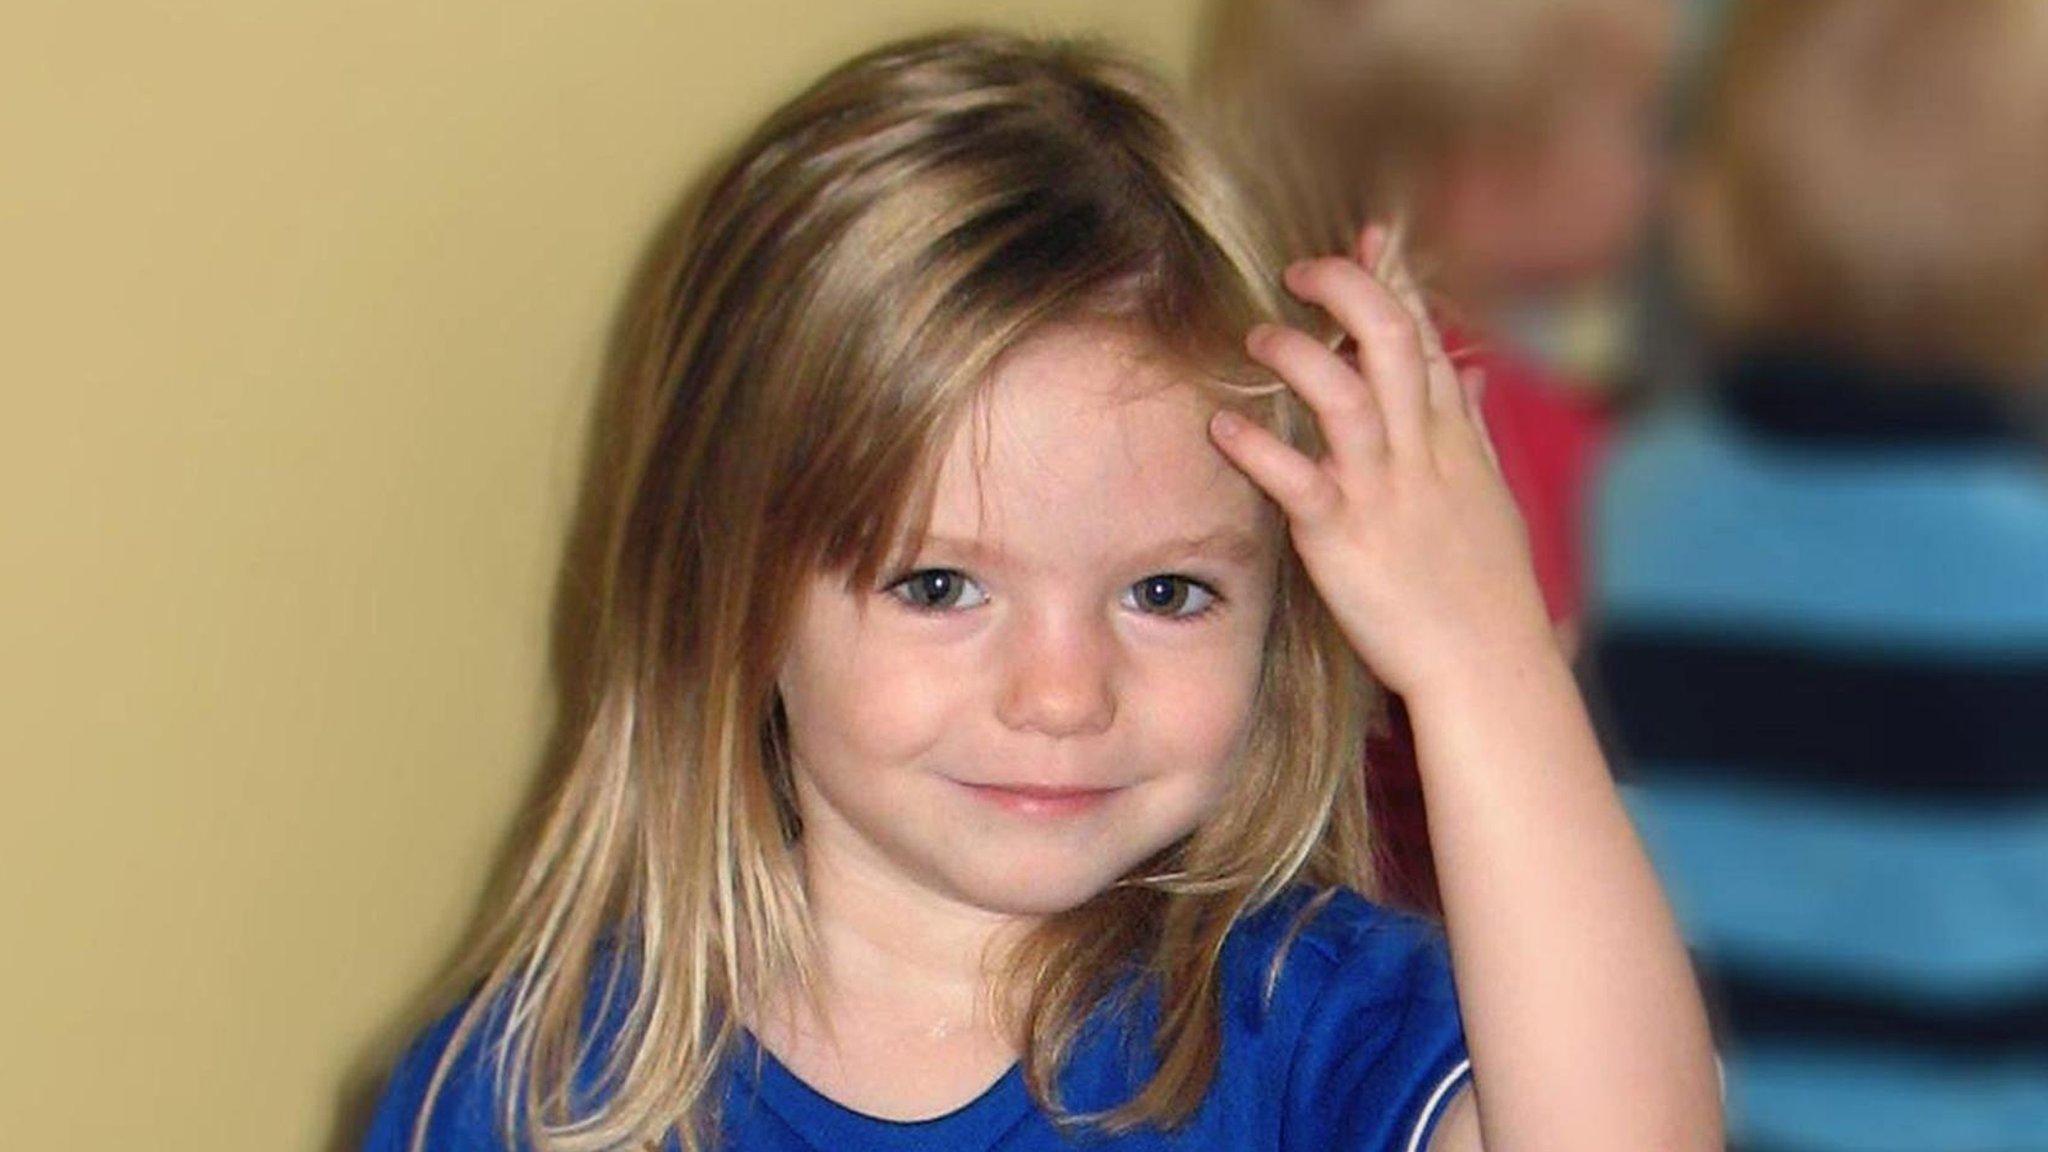 Madeleine McCann: Anniversary 'hardest day' for parents